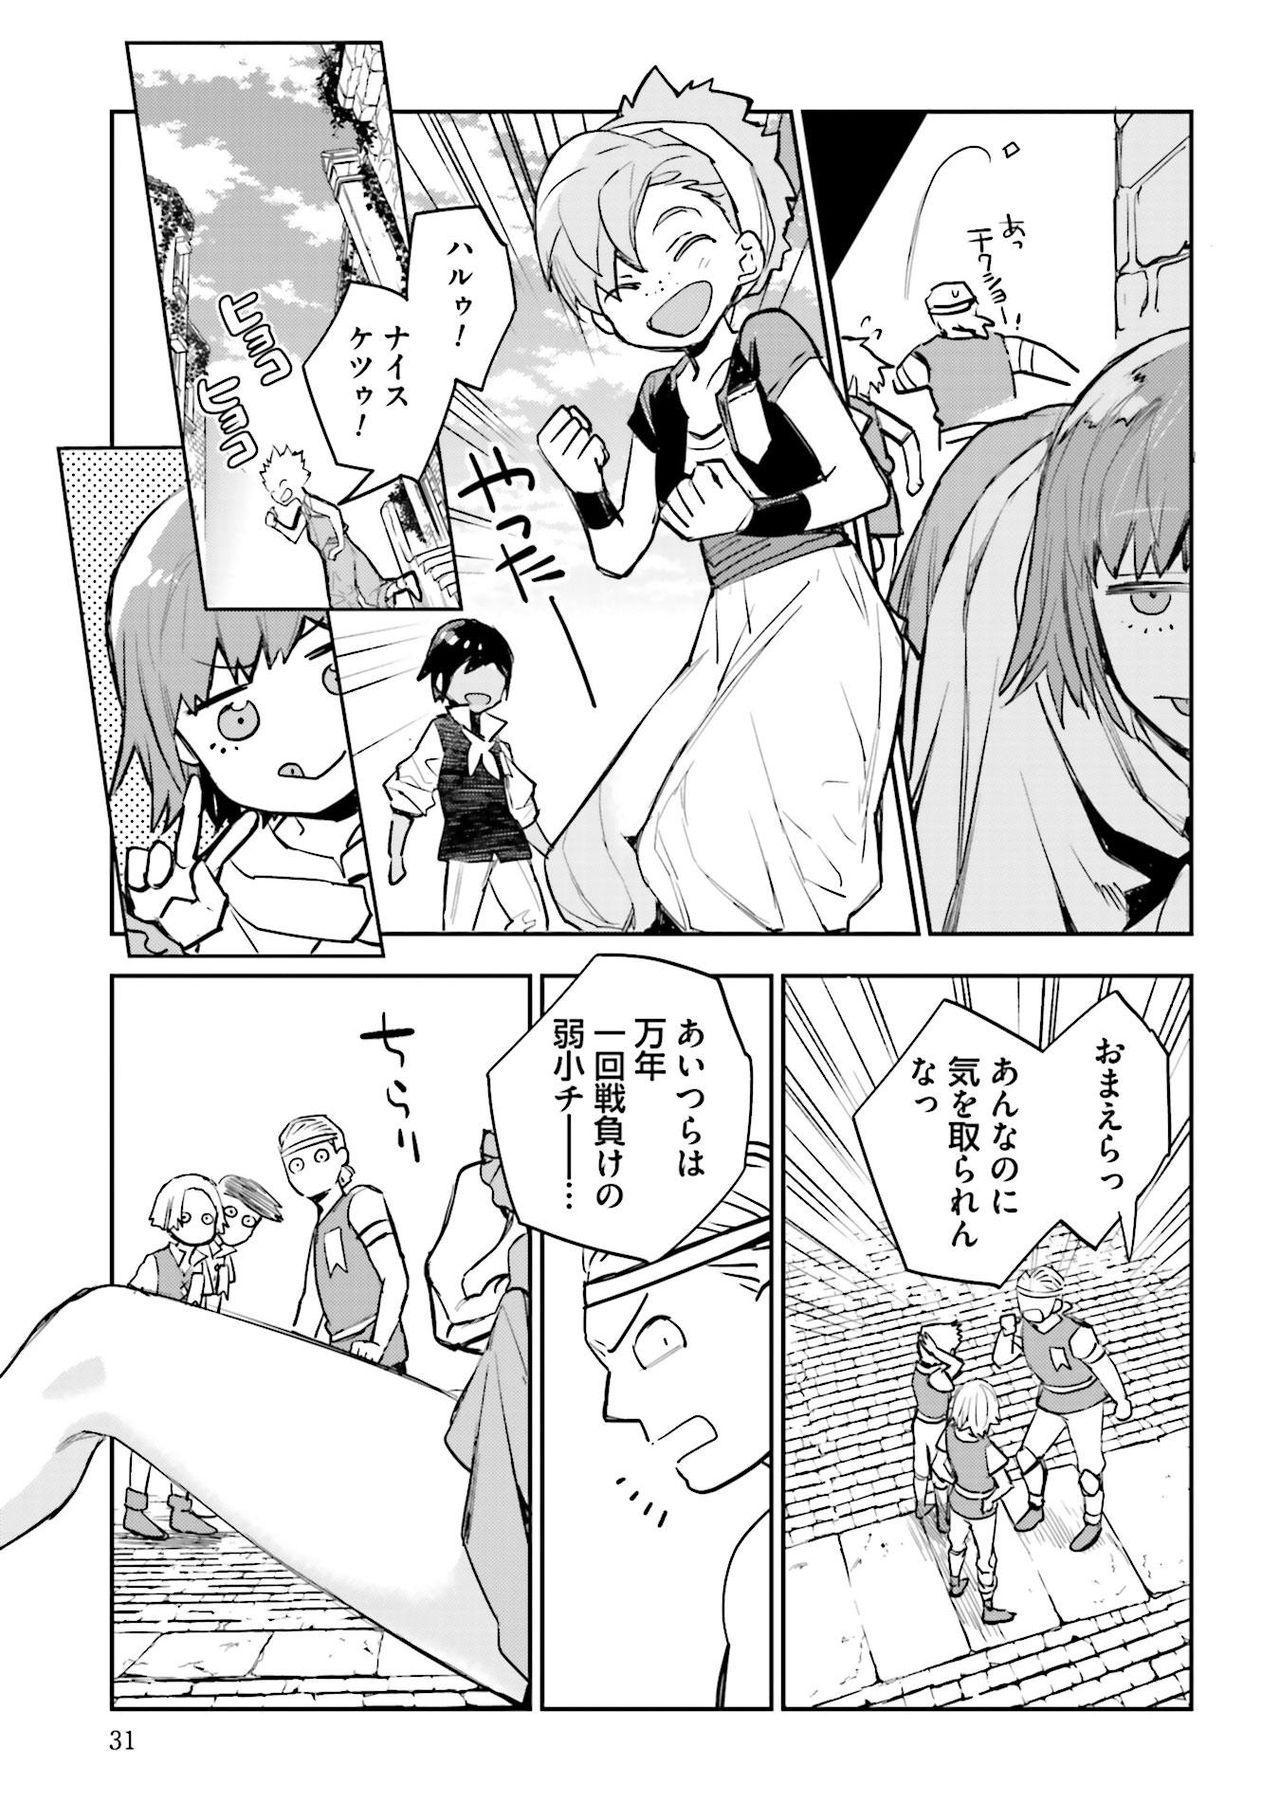 JK Haru wa Isekai de Shoufu ni Natta 1-14 390